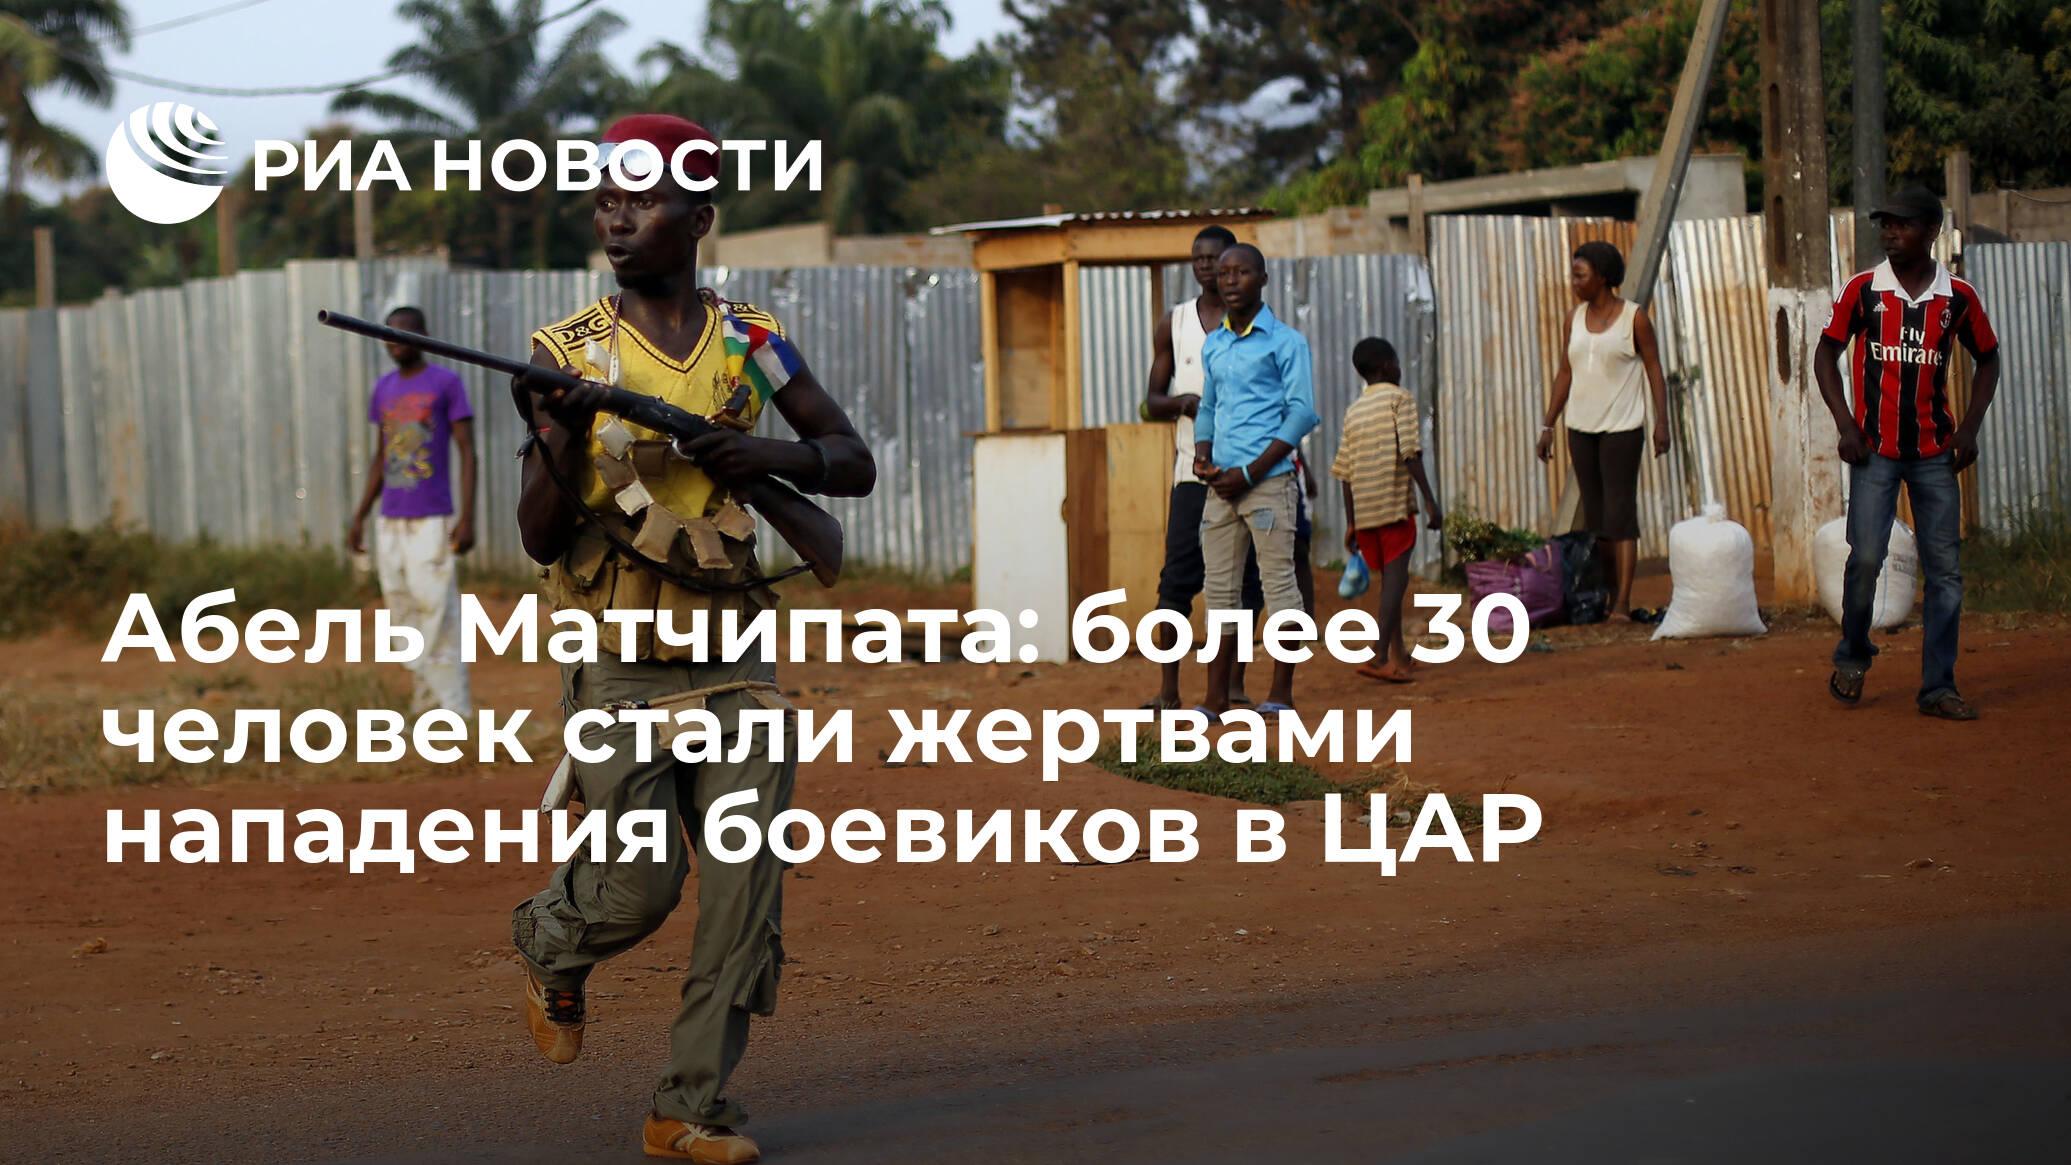 Источник: более 30 человек стали жертвами нападения боевиков в ЦАР